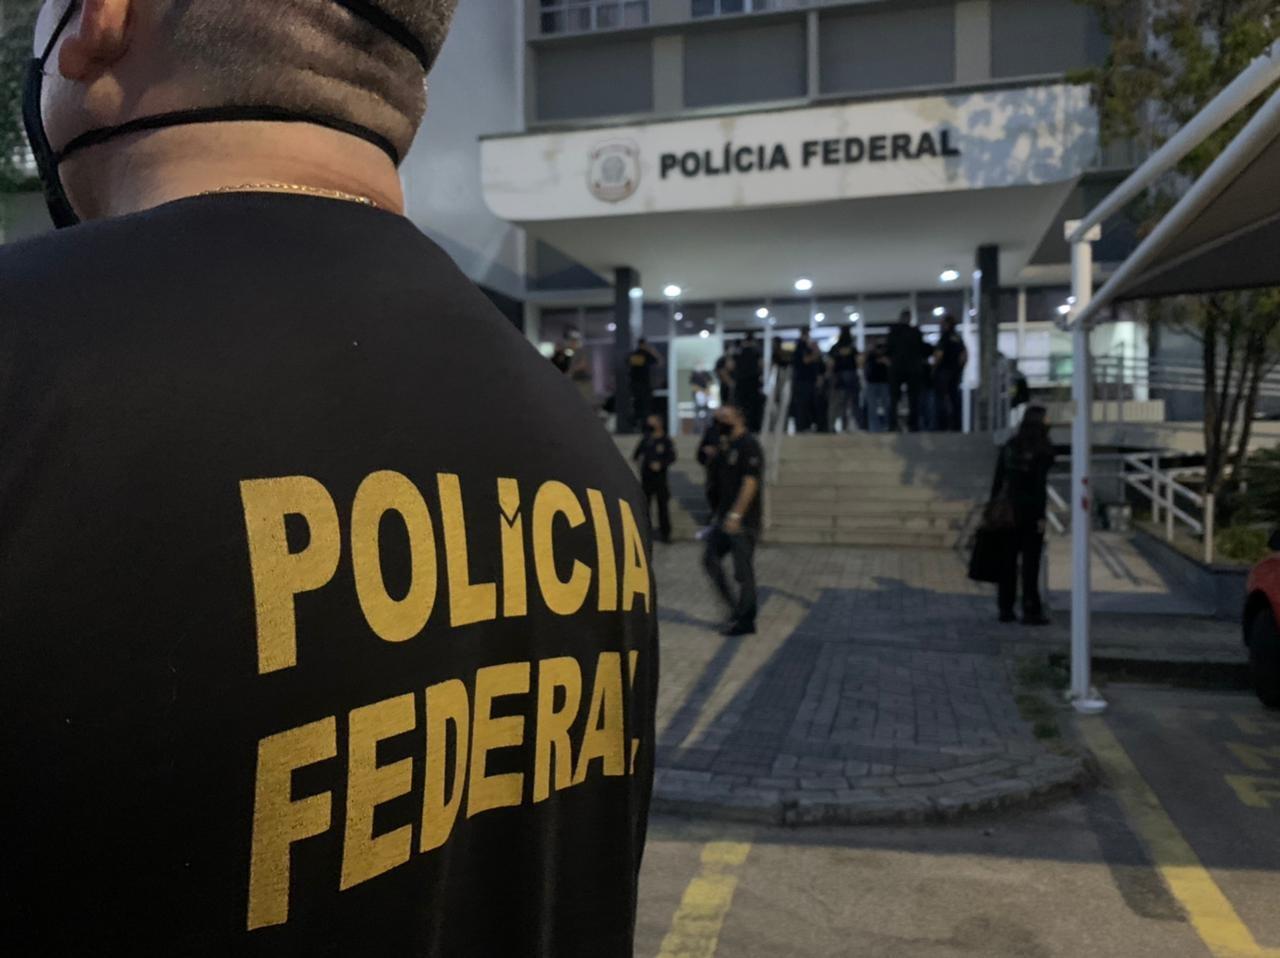 Operação da Polícia Federal e CGU investiga desvio de recursos públicos federais no interior do Ceará